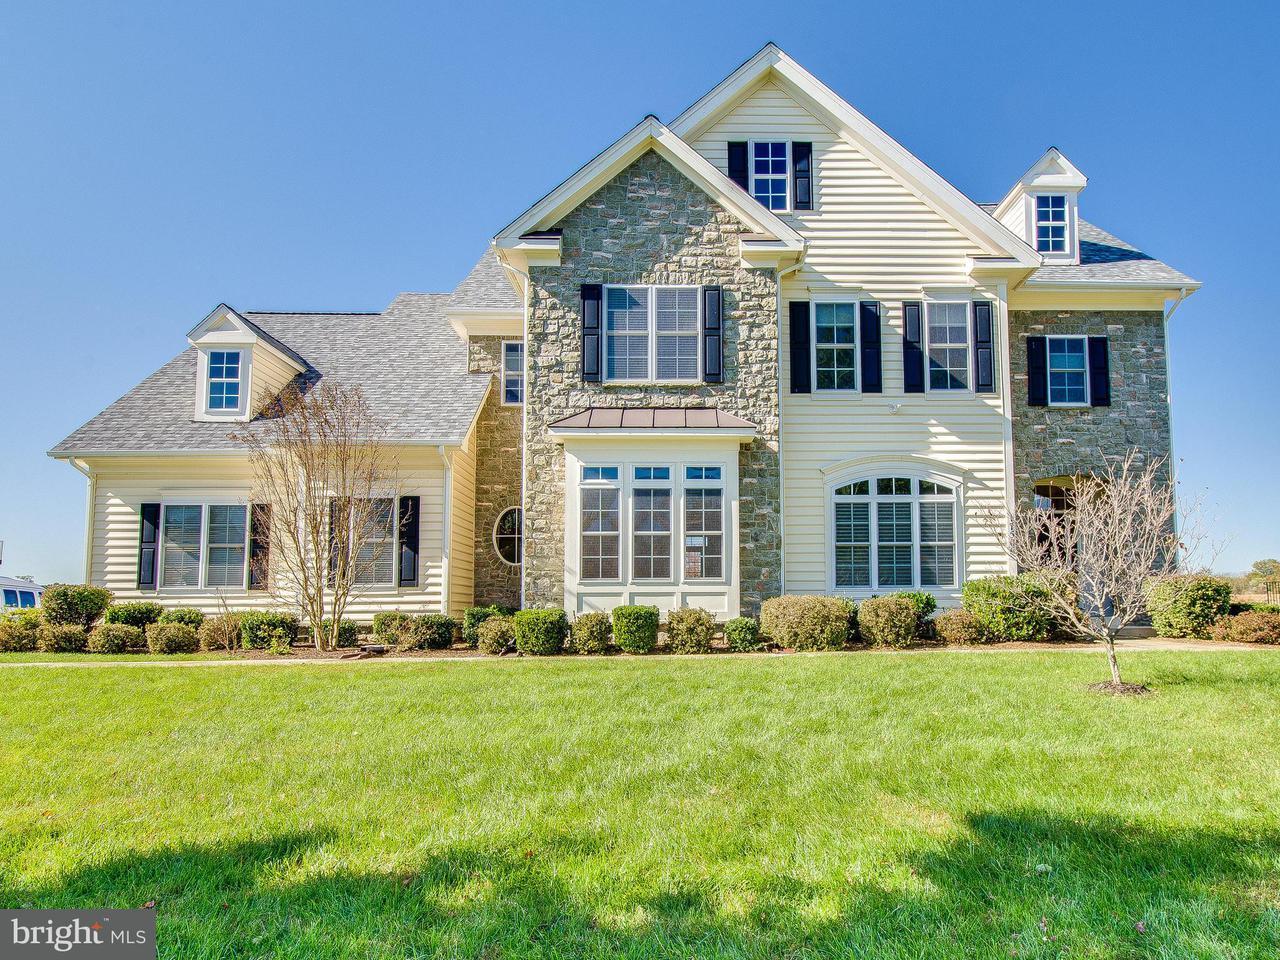 Maison unifamiliale pour l Vente à 17506 Hidden Garden Lane 17506 Hidden Garden Lane Ashton, Maryland 20861 États-Unis